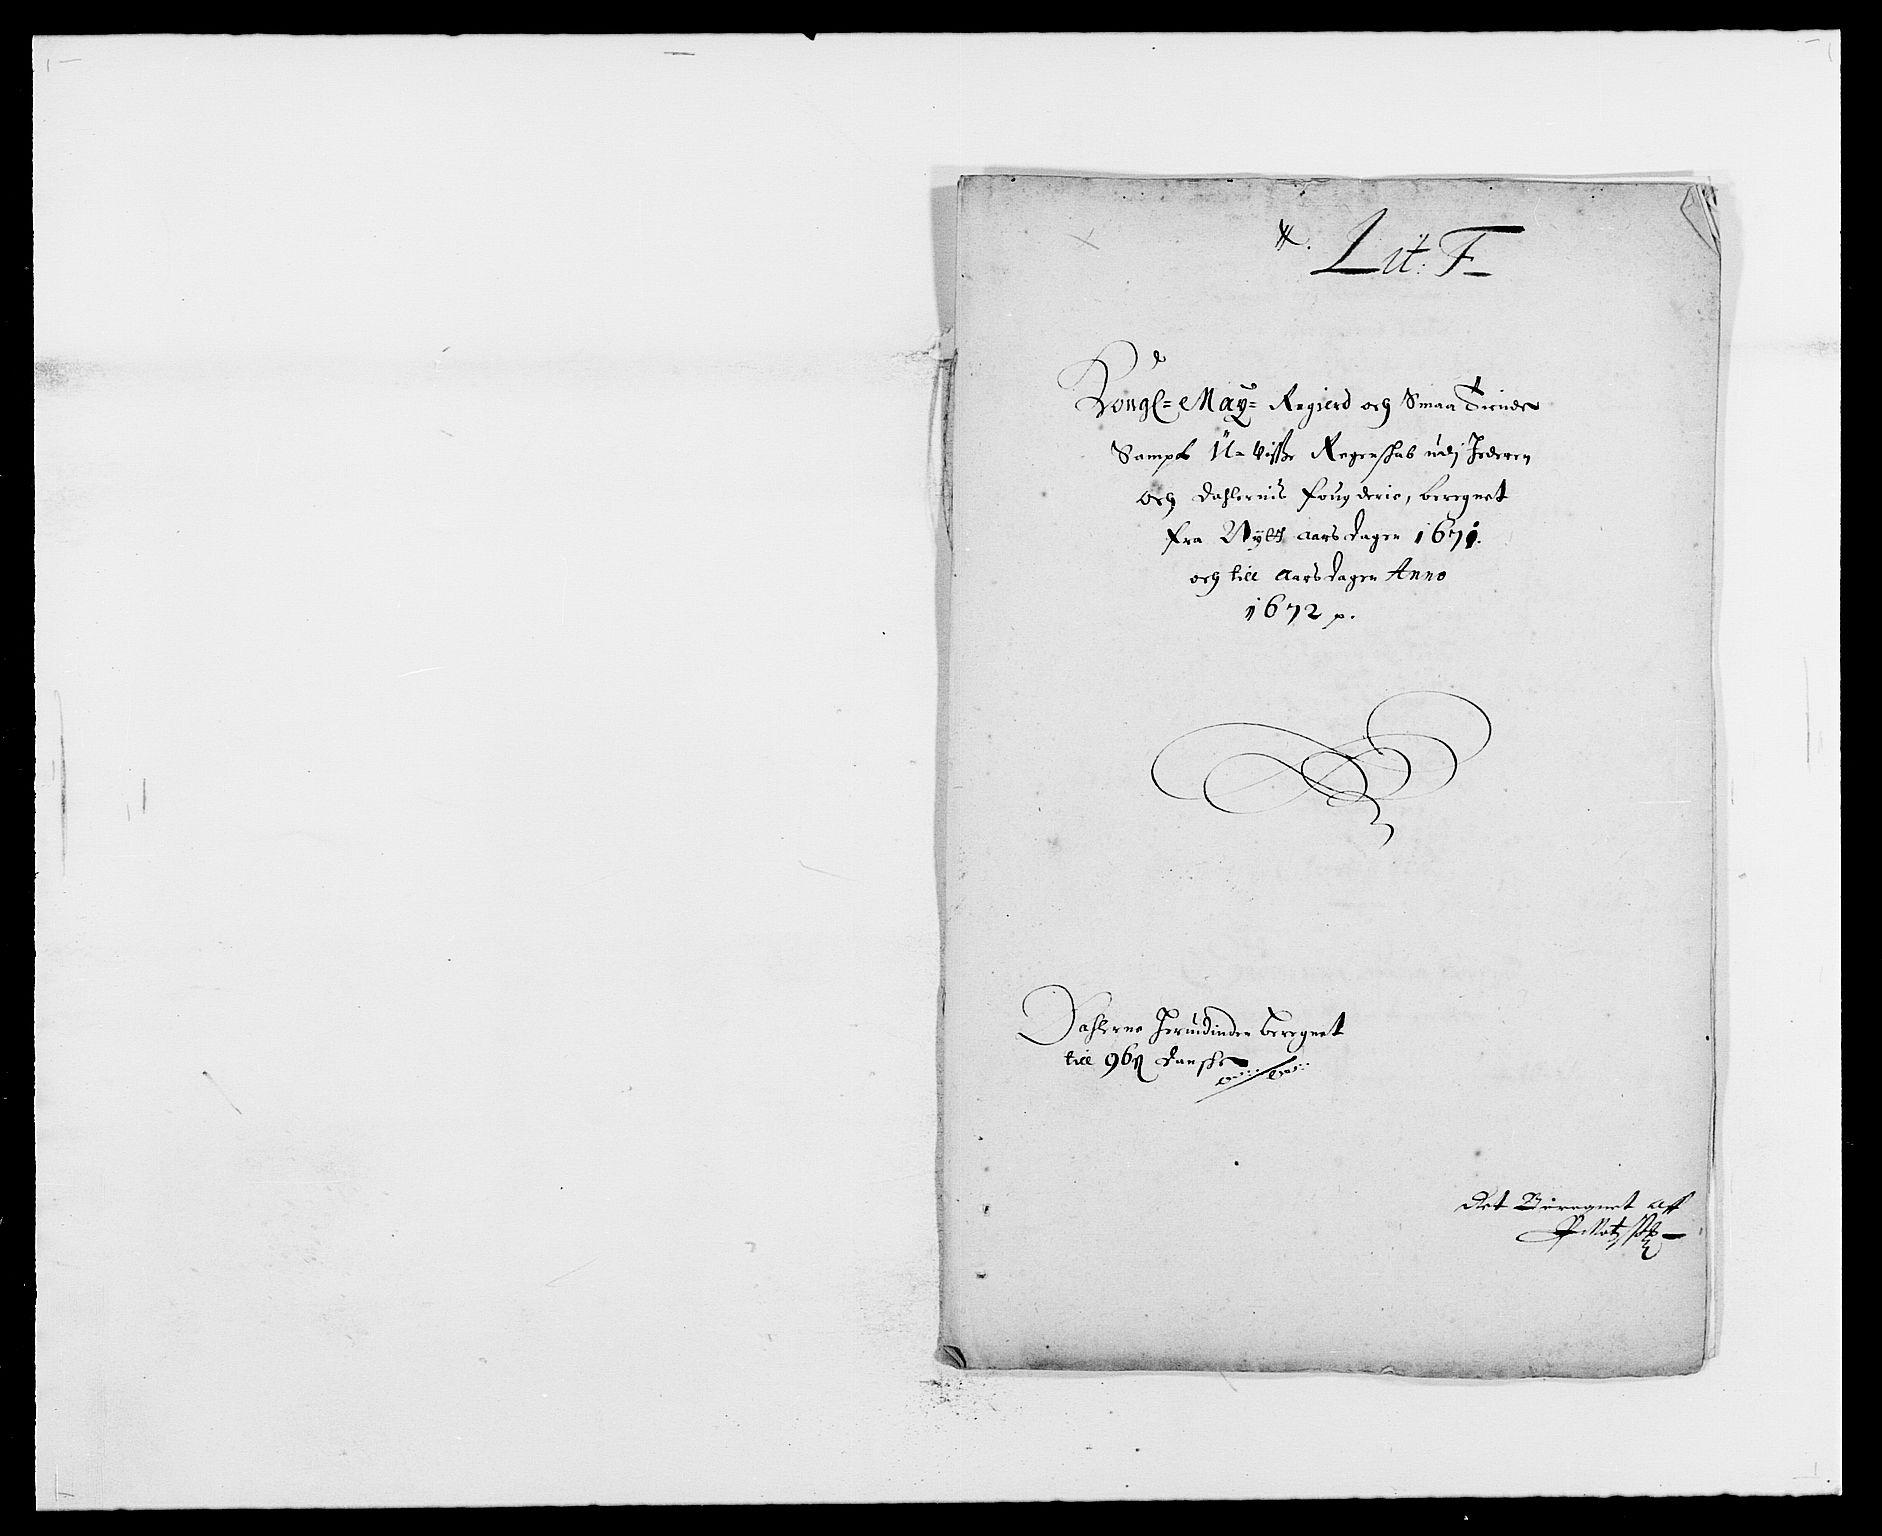 RA, Rentekammeret inntil 1814, Reviderte regnskaper, Fogderegnskap, R46/L2713: Fogderegnskap Jæren og Dalane, 1671-1672, s. 116